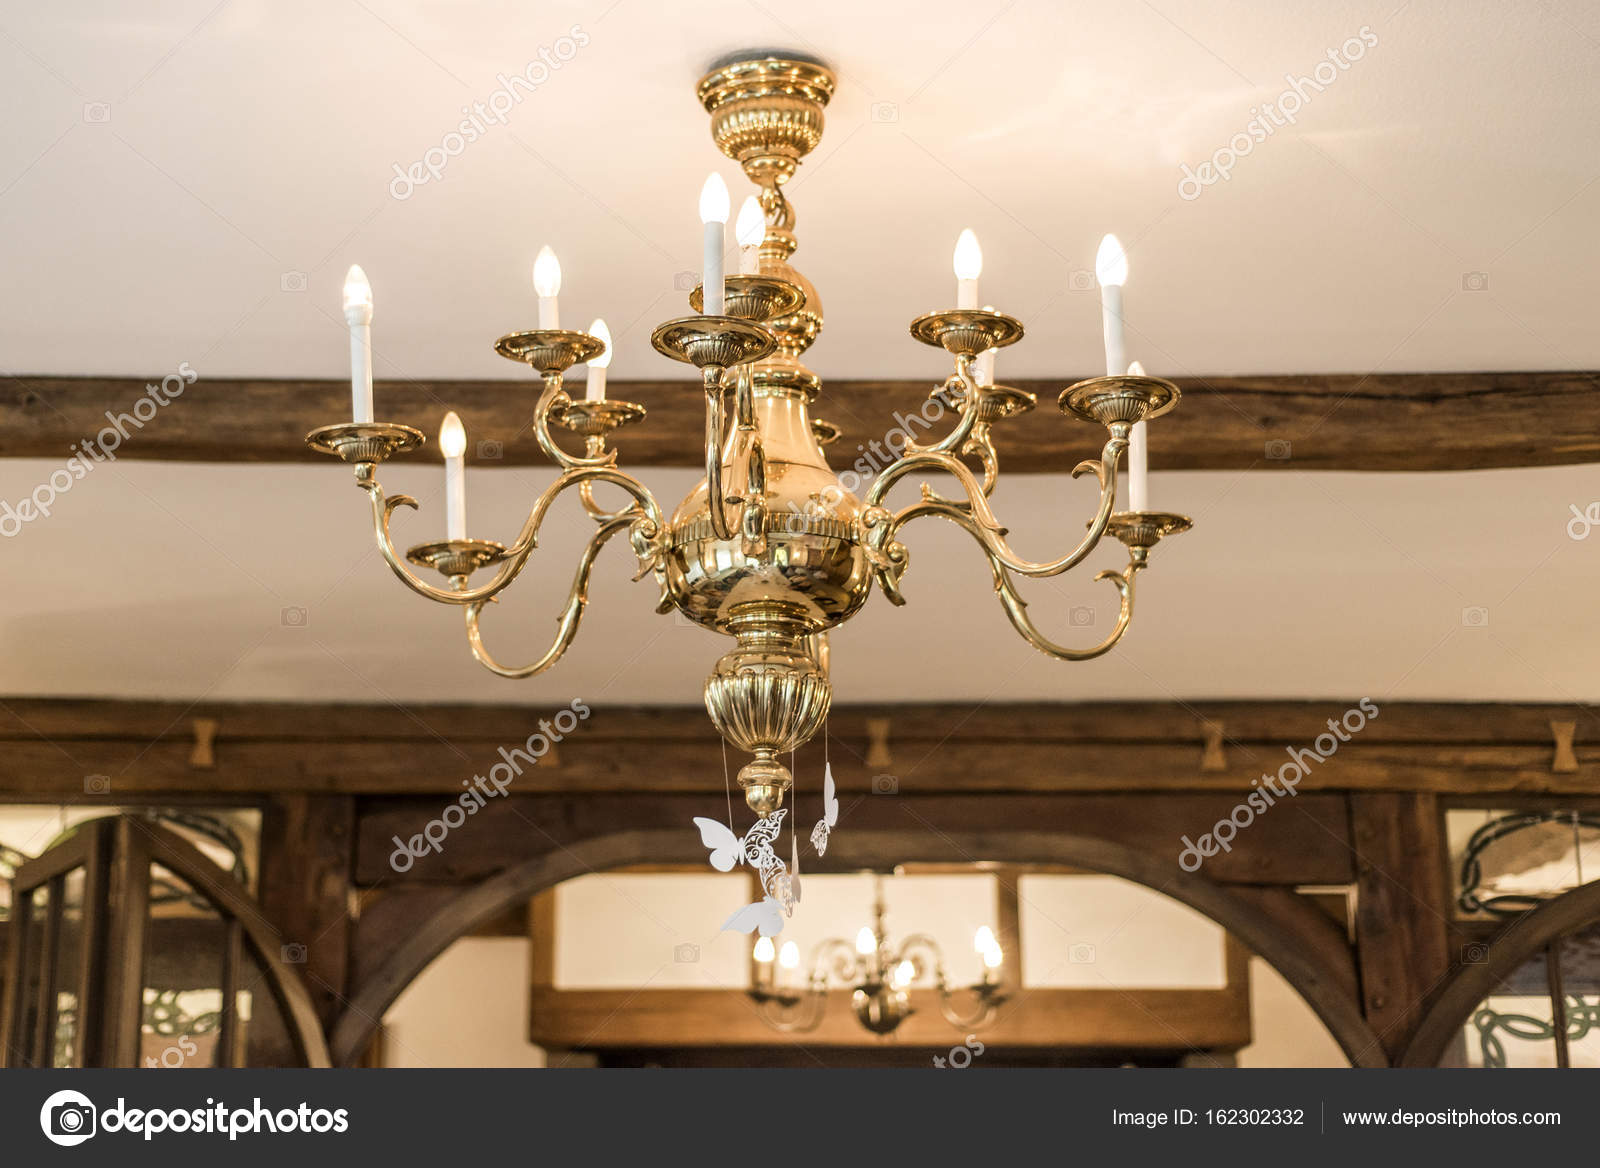 Kronleuchter Dekoration ~ Goldene kronleuchter mit kerzen licht und dekoration alte vintage